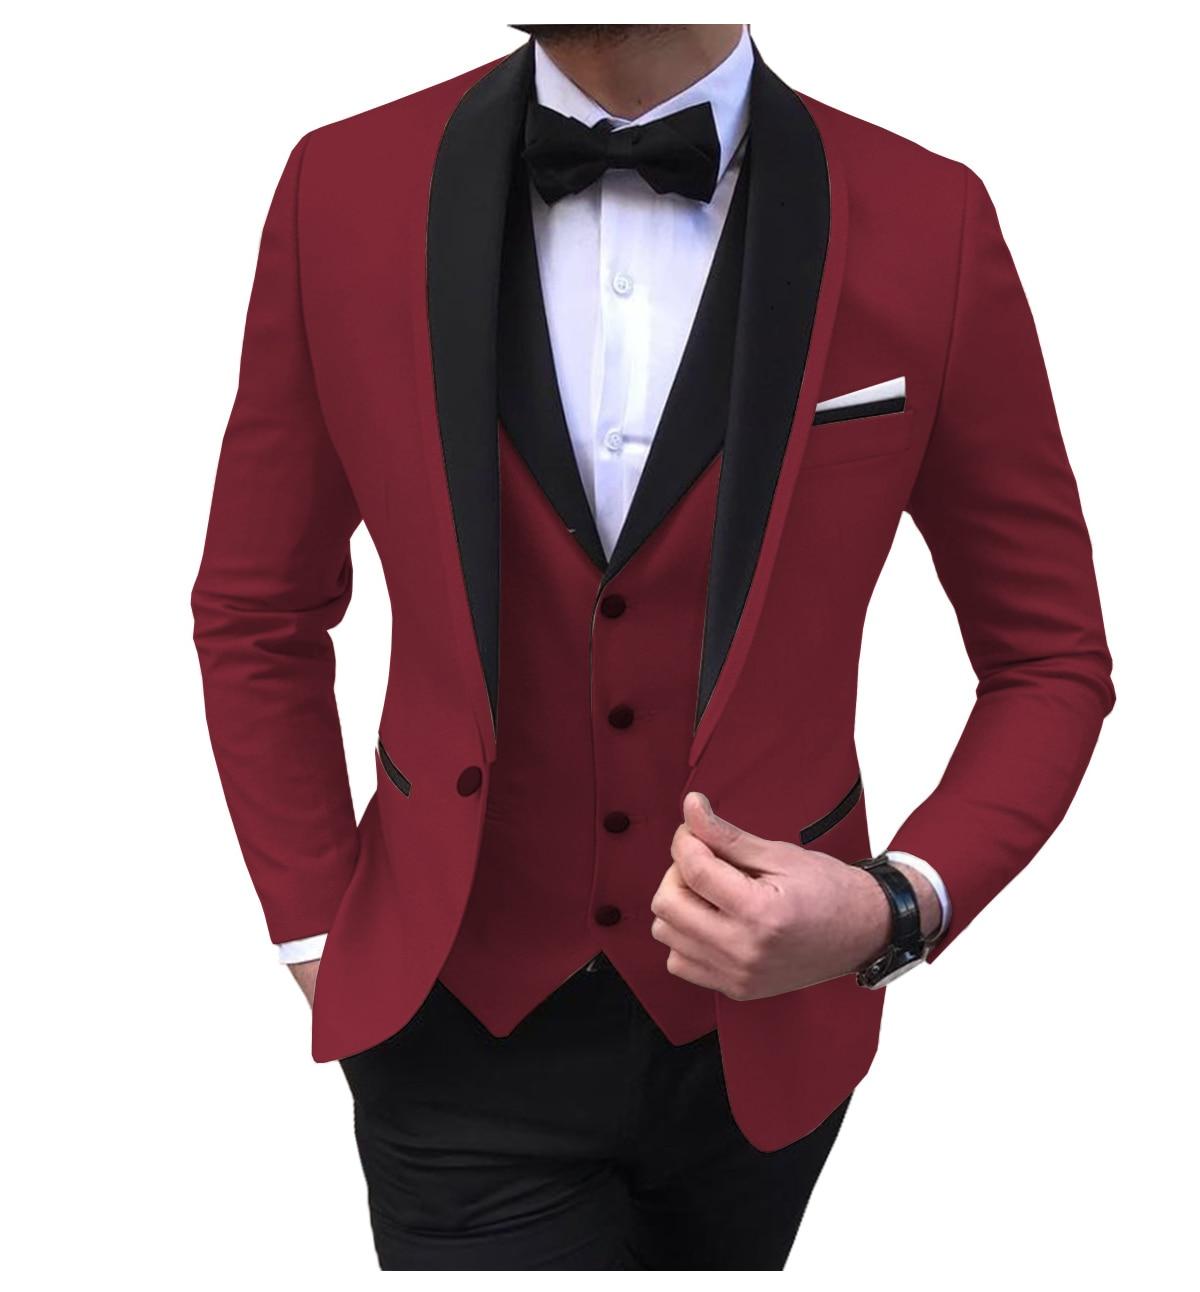 Blue slit mens suits 3 piece black shawl lapel casual tuxedos for wedding groomsmen suits men 2020 (blazer+vest+pant) 3